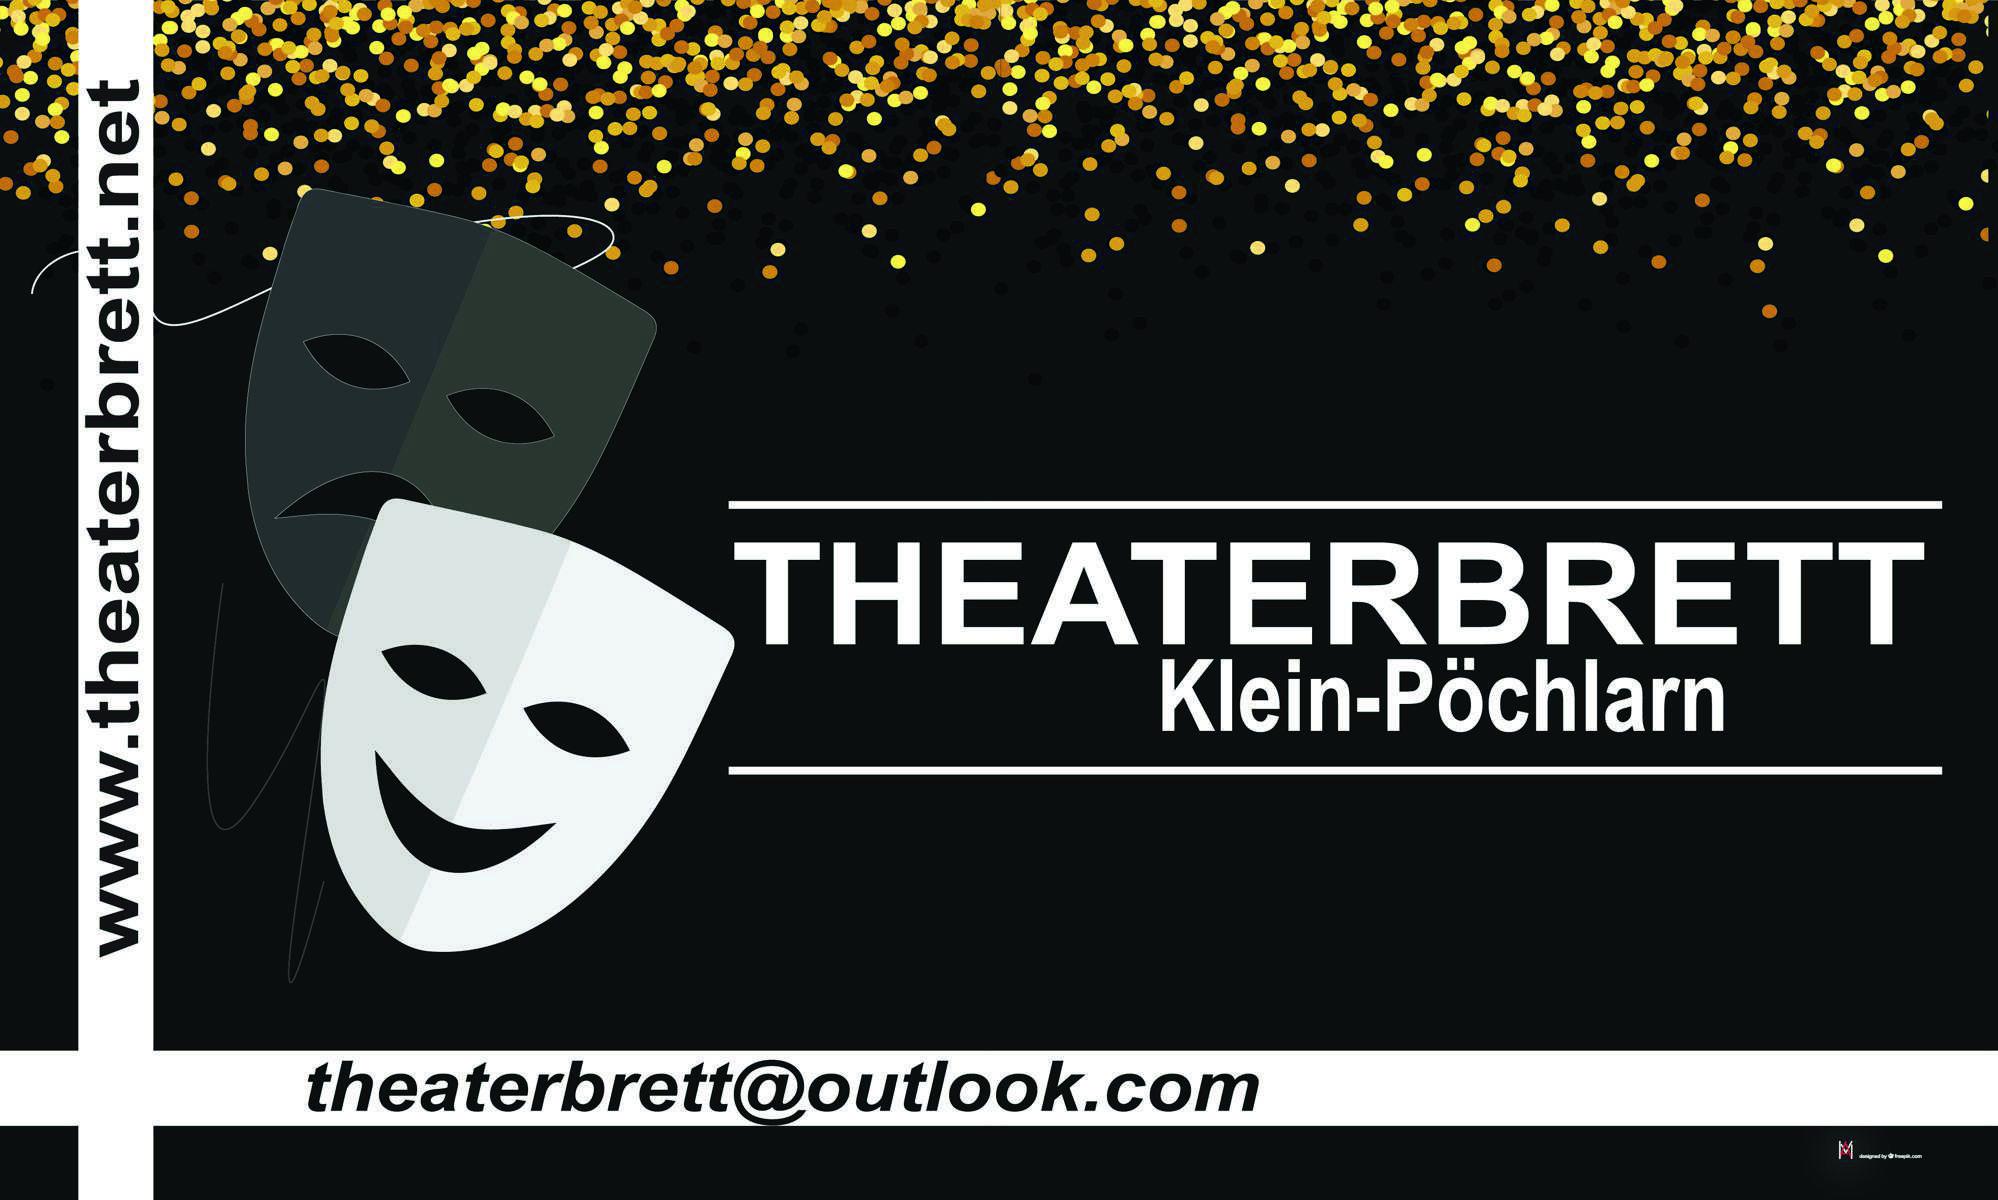 Theaterbrett